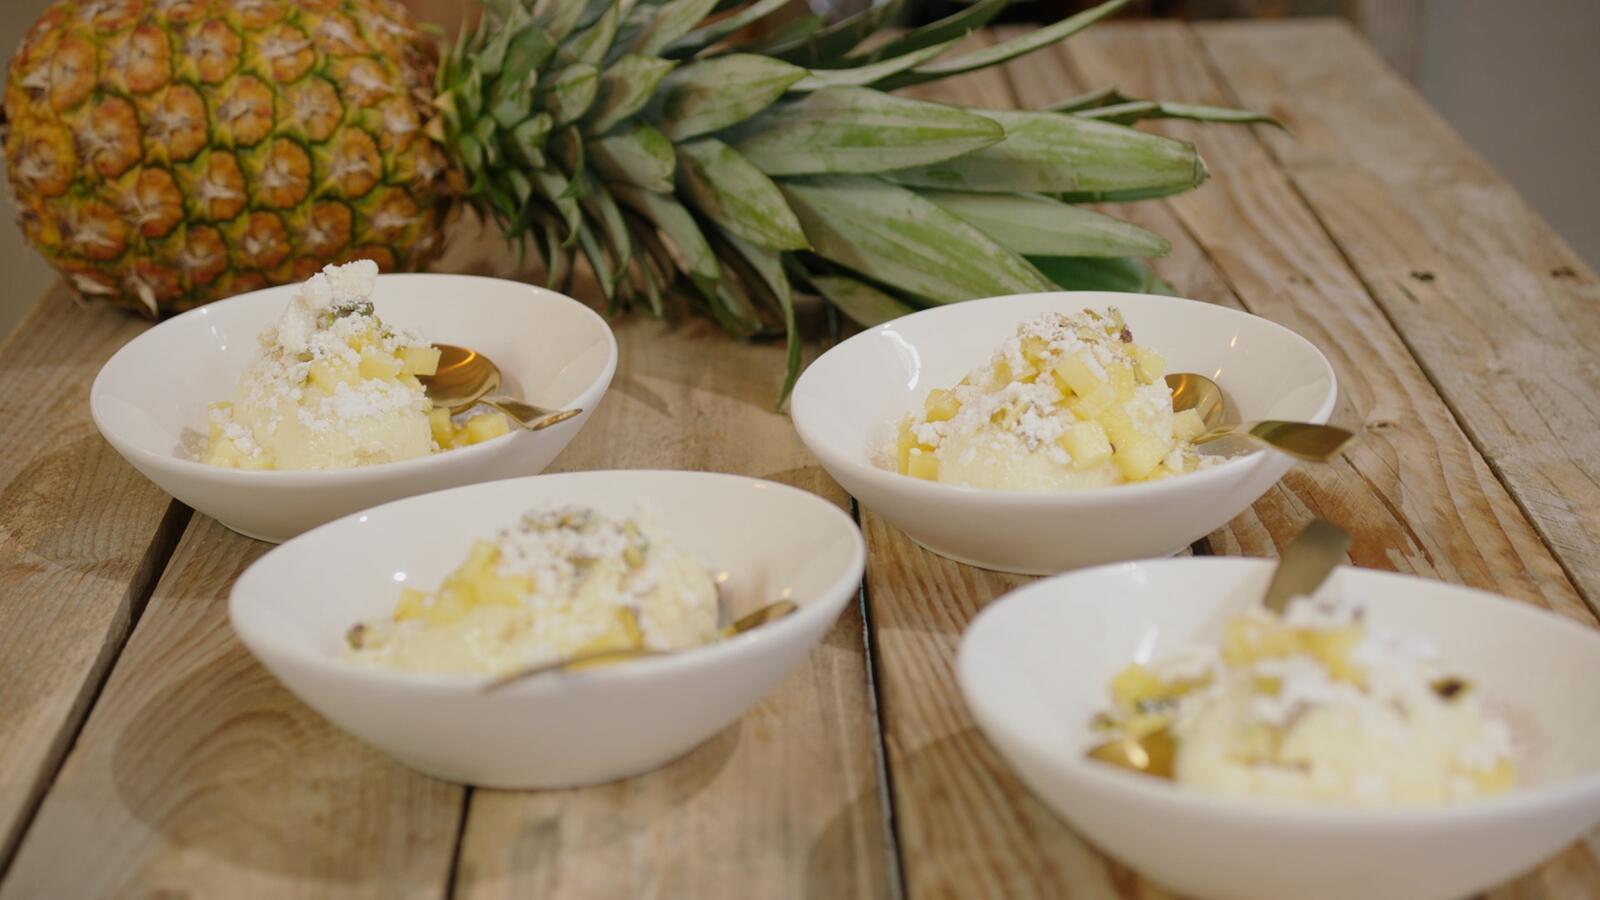 Witte chocolademousse met ananas en eiwitschuimpjes